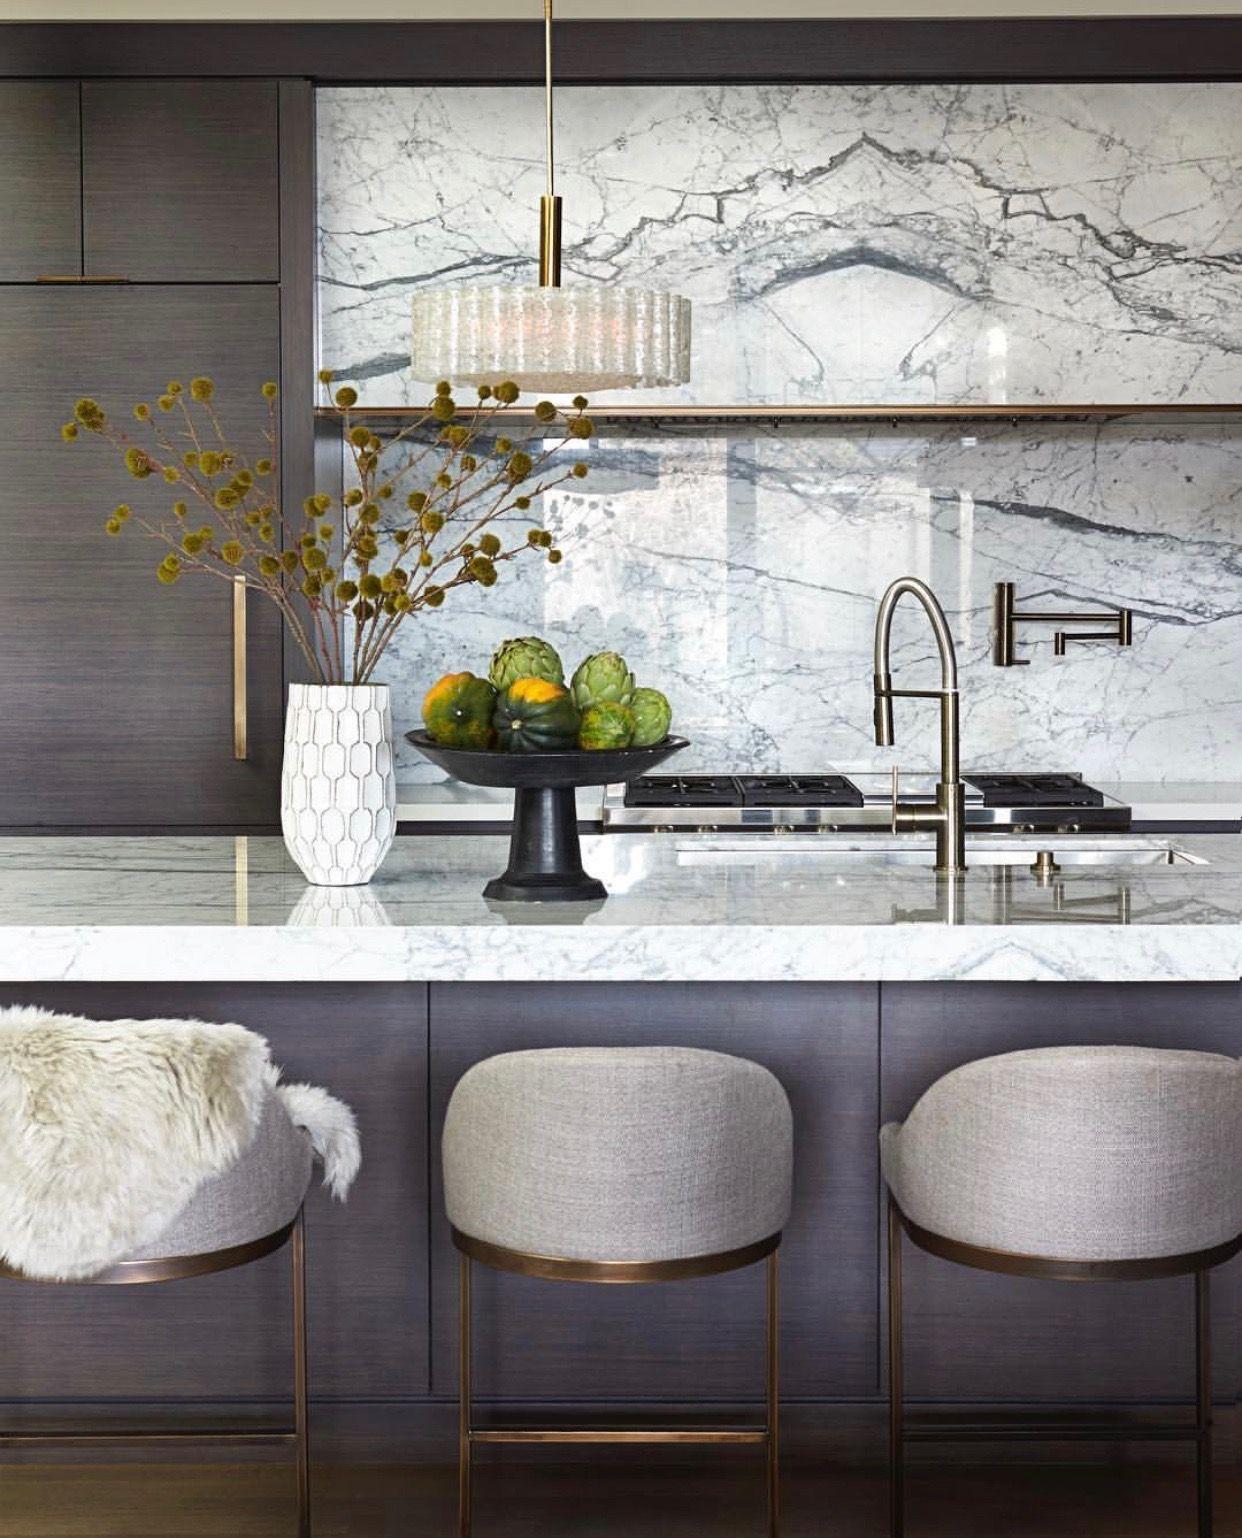 Pin De Natalie Warady Em Interior Kitchen Cozinhas Modernas Cozinhas Decoracao Cozinha